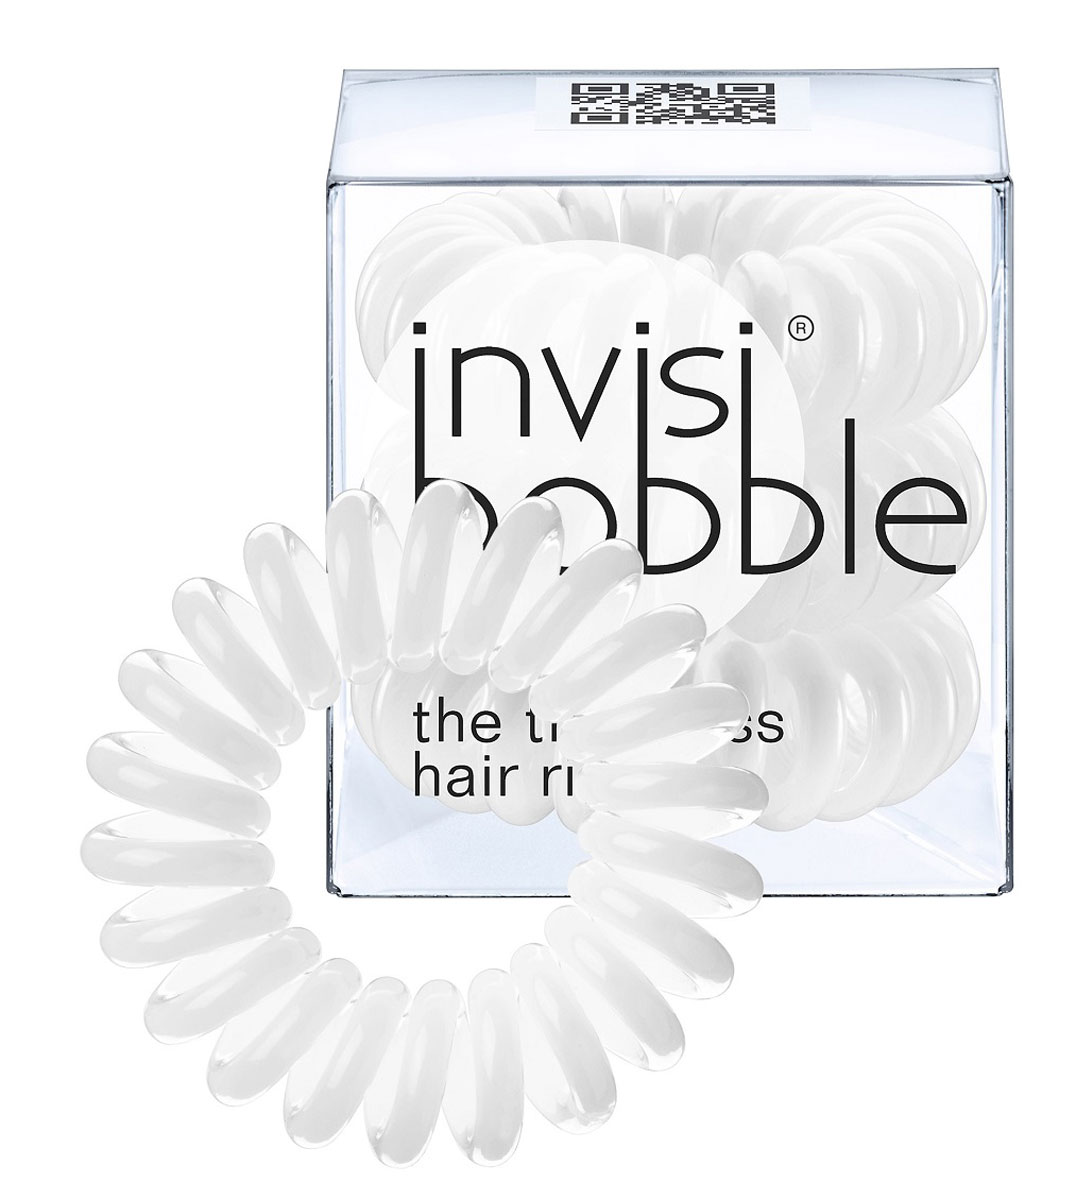 Invisibobble Резинка-браслет для волос Innocent White, 3 шт3002Оригинальные резинки-браслеты Invisibobble в форме телефонного шнура, созданные в Германии.Резинки-браслеты Invisibobble подходят для всех типов волос, надежно фиксируют прическу, не оставляют заломов и не вызывают головную боль благодаря неравномерному распределению давления на волосы. Кроме того, они не намокают и не вызывают аллергию при контакте с кожей, поскольку изготовлены из искусственной смолы. Резинка-браслет Invisibobble черного цвета.C резинками Invisibobble можно легко создавать разнообразные прически. Резинки прочно держат волосы любой длины, при этом, не стягивая их слишком туго. Телефонный провод позволяет с легкостью и без вреда для волос протягивать пряди под спираль и ослаблять уже закрепленные для придания объема прическе. Invisibobble Original идеально подходят для ежедневного применения.Не комедогенна.